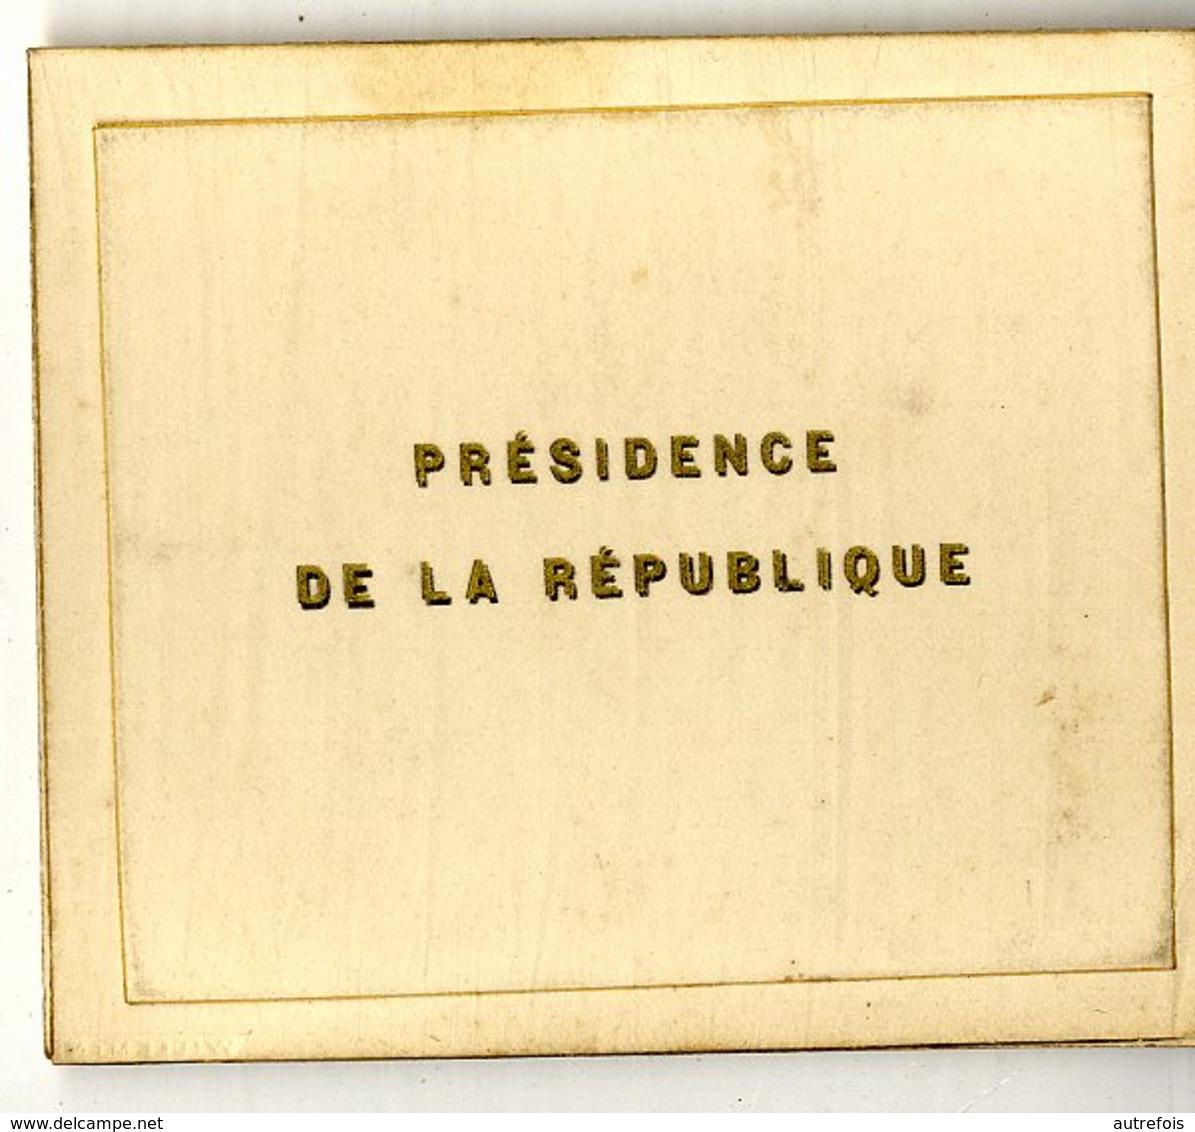 47 MARMANDE  MONSIEUR LE GENERAL DUPORT  PRESIDENCE DE LA REPUBLIQUE  CARTE DE VISITE   MENU DEJEUNER JUIN 1917 - Marmande